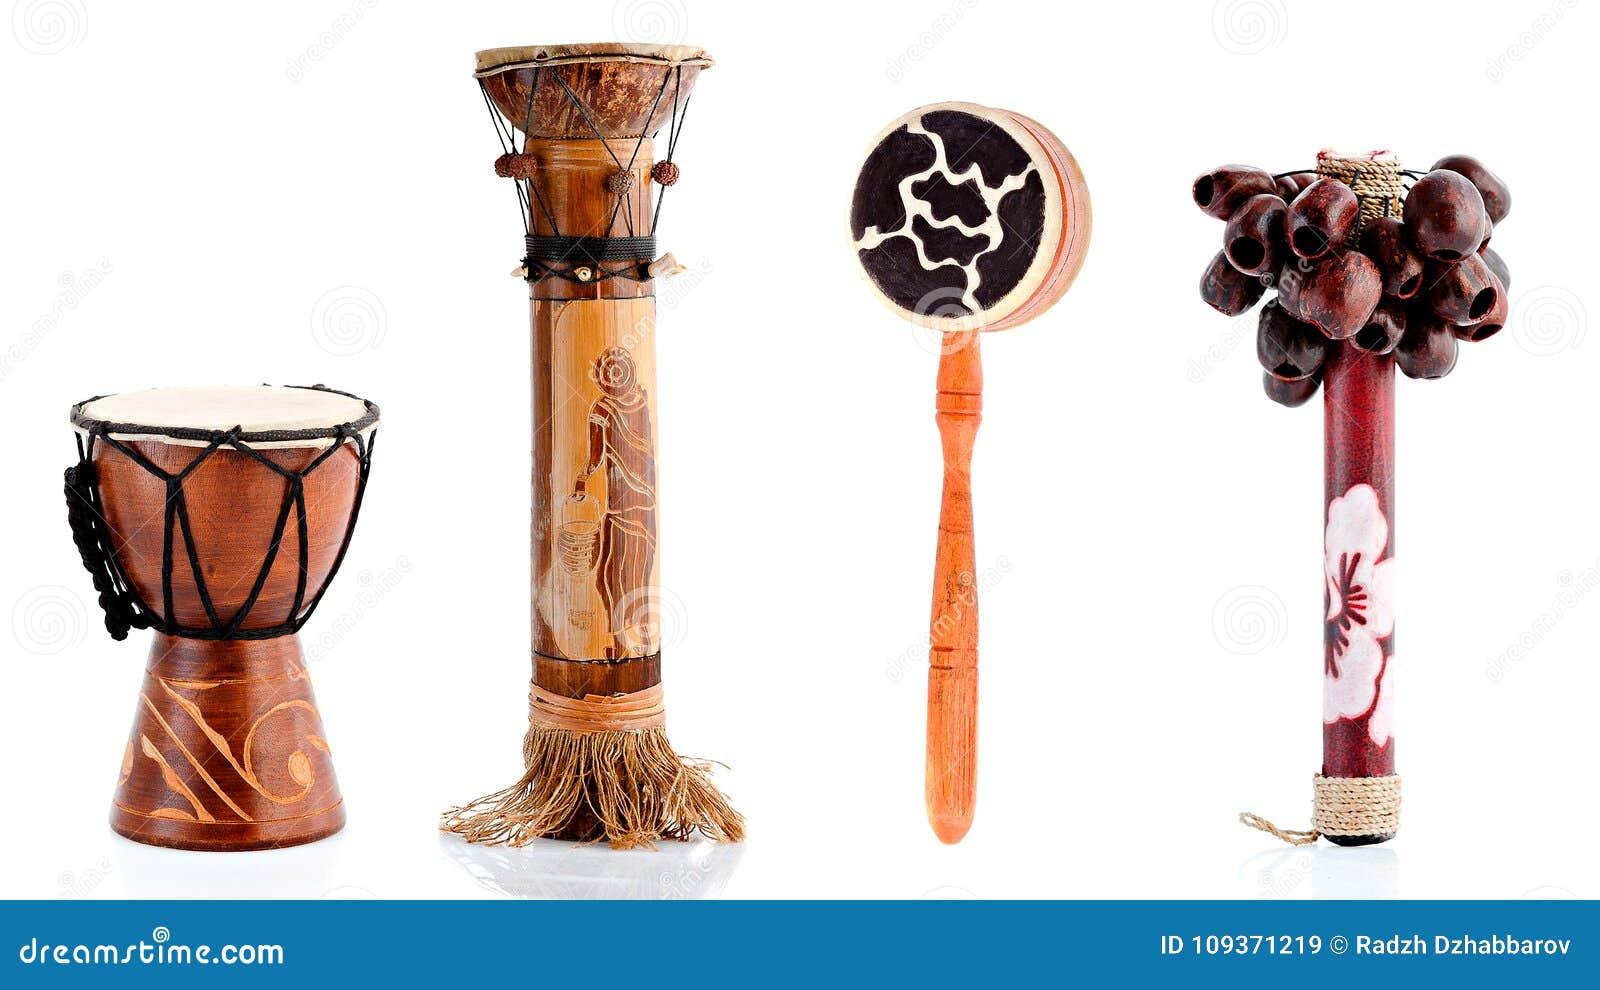 Ξύλινα ειδώλια, διακοσμητικά ειδώλια, μουσικά όργανα